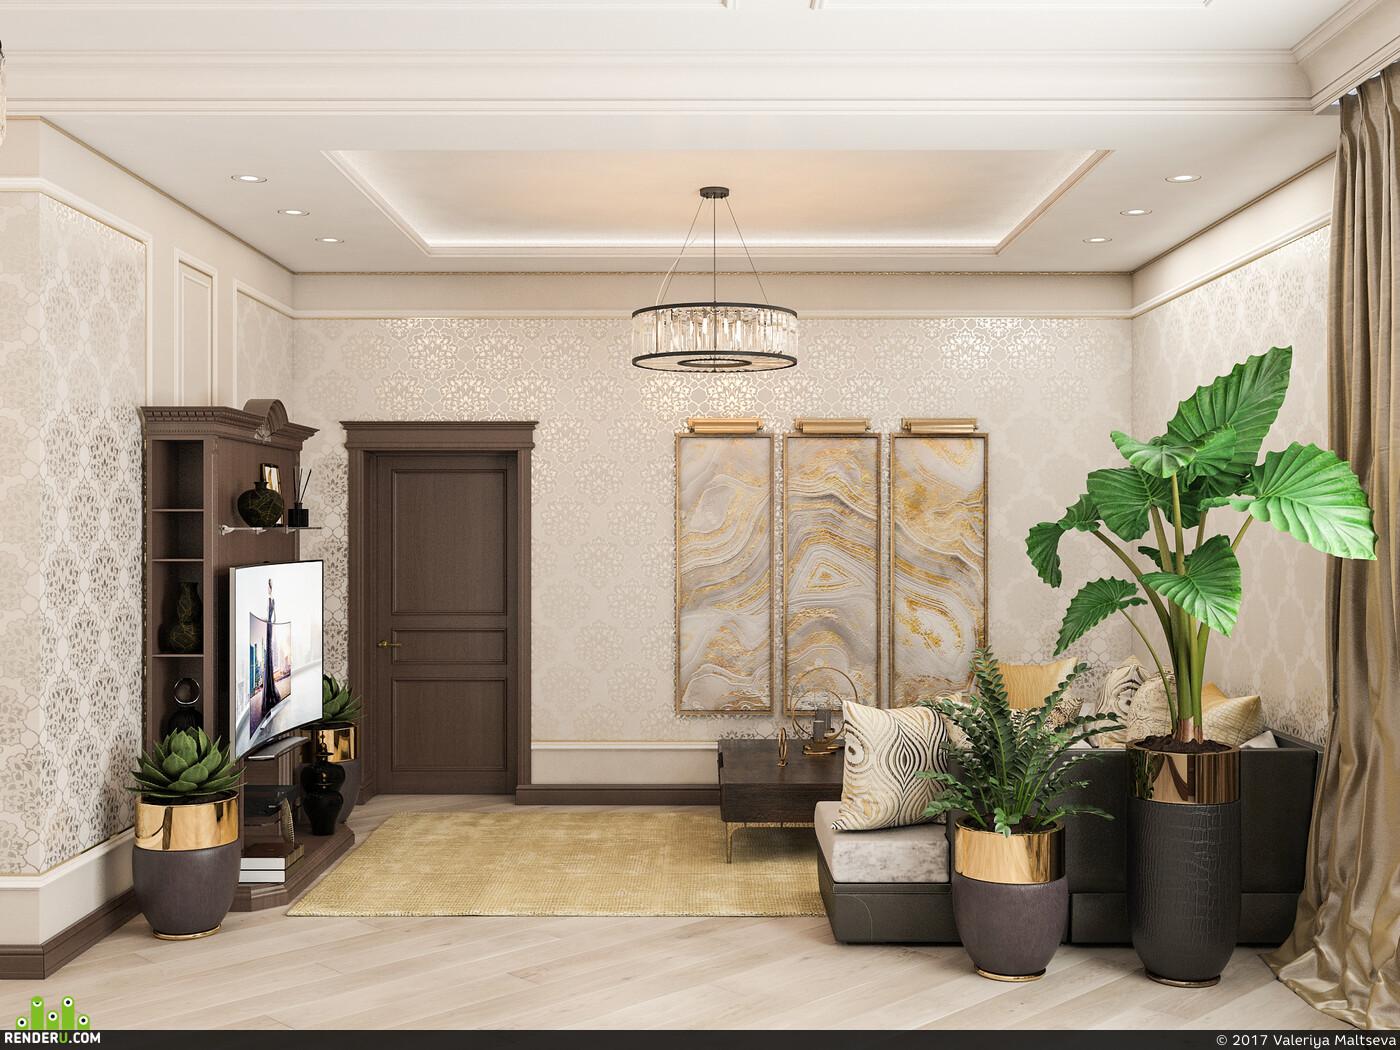 интерьер, дизайн интерьера, 3д визуализация, Спальня, гостиная, 3D Studio Max, классика, классический, классический стиль